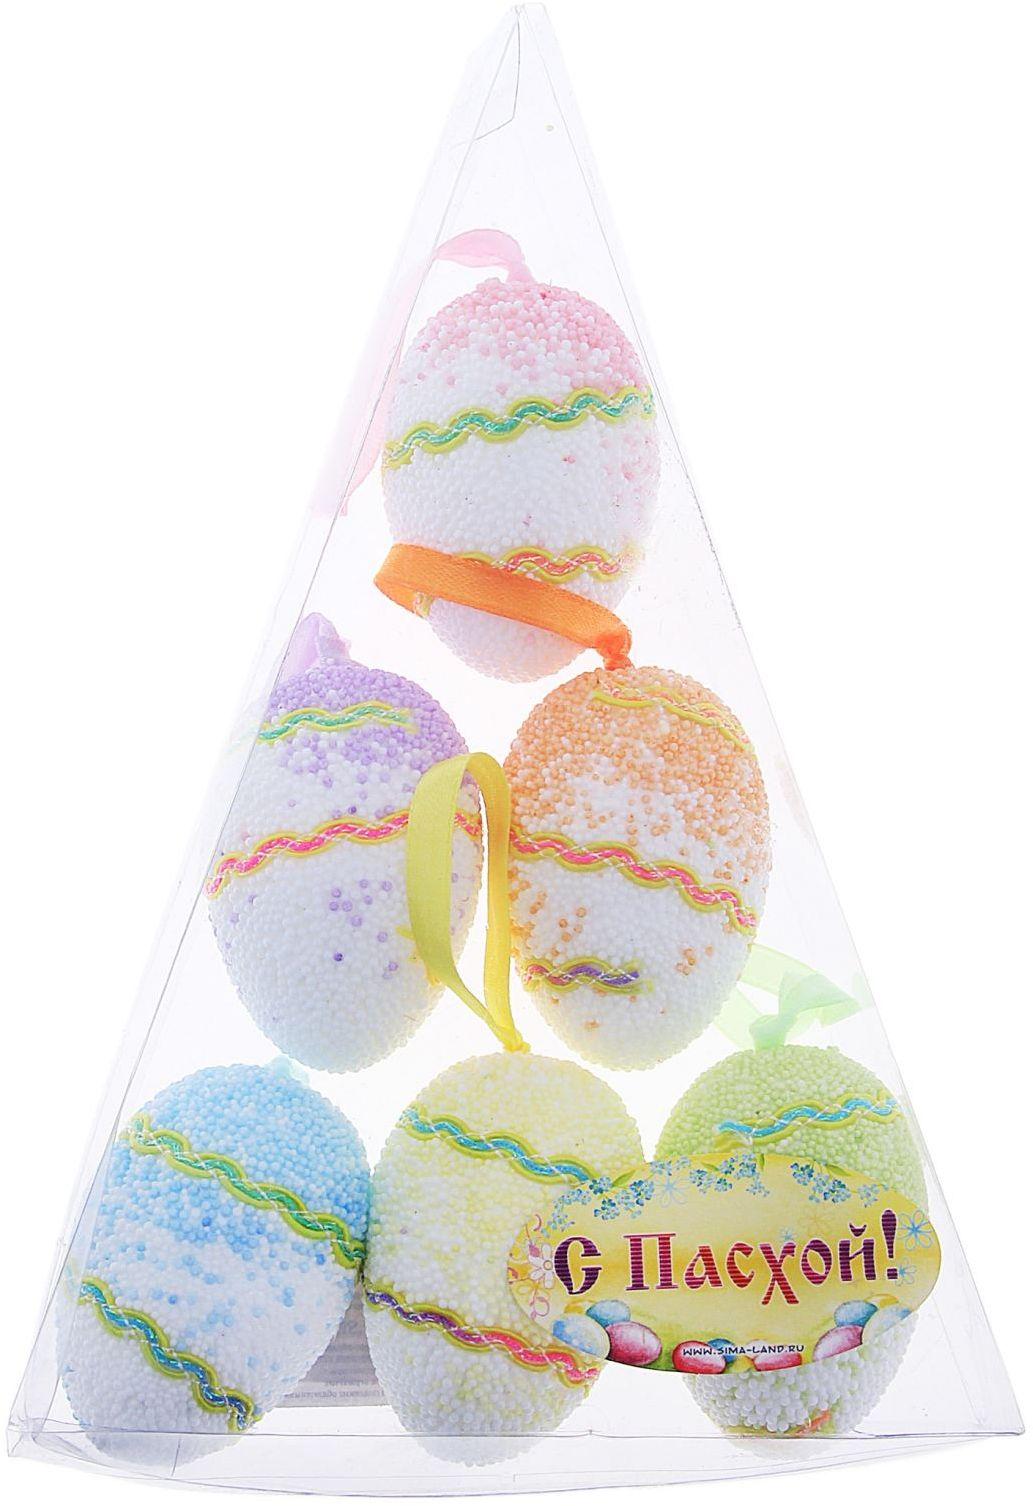 Сувенир пасхальный Sima-land Яйцо. Ассорти, 4 х 4 х 6 см, 6 шт114772Сувенир - пасхальное яйцо Ассорти (набор 6 шт) - символ жизни и возрождения. Вариантов применения такого милого сувенира множество. Во- первых, он послужит прекрасным подарком гостям, коллегам или друзьям. Всю праздничную неделю вы можете обмениваться подарочками. Во-вторых, с помощью такого сувенира вы сможете сами заняться сервировкой праздничного стола, положив его каждому гостю на тарелку, на красивую салфетку, выгодно подобрав цвета.